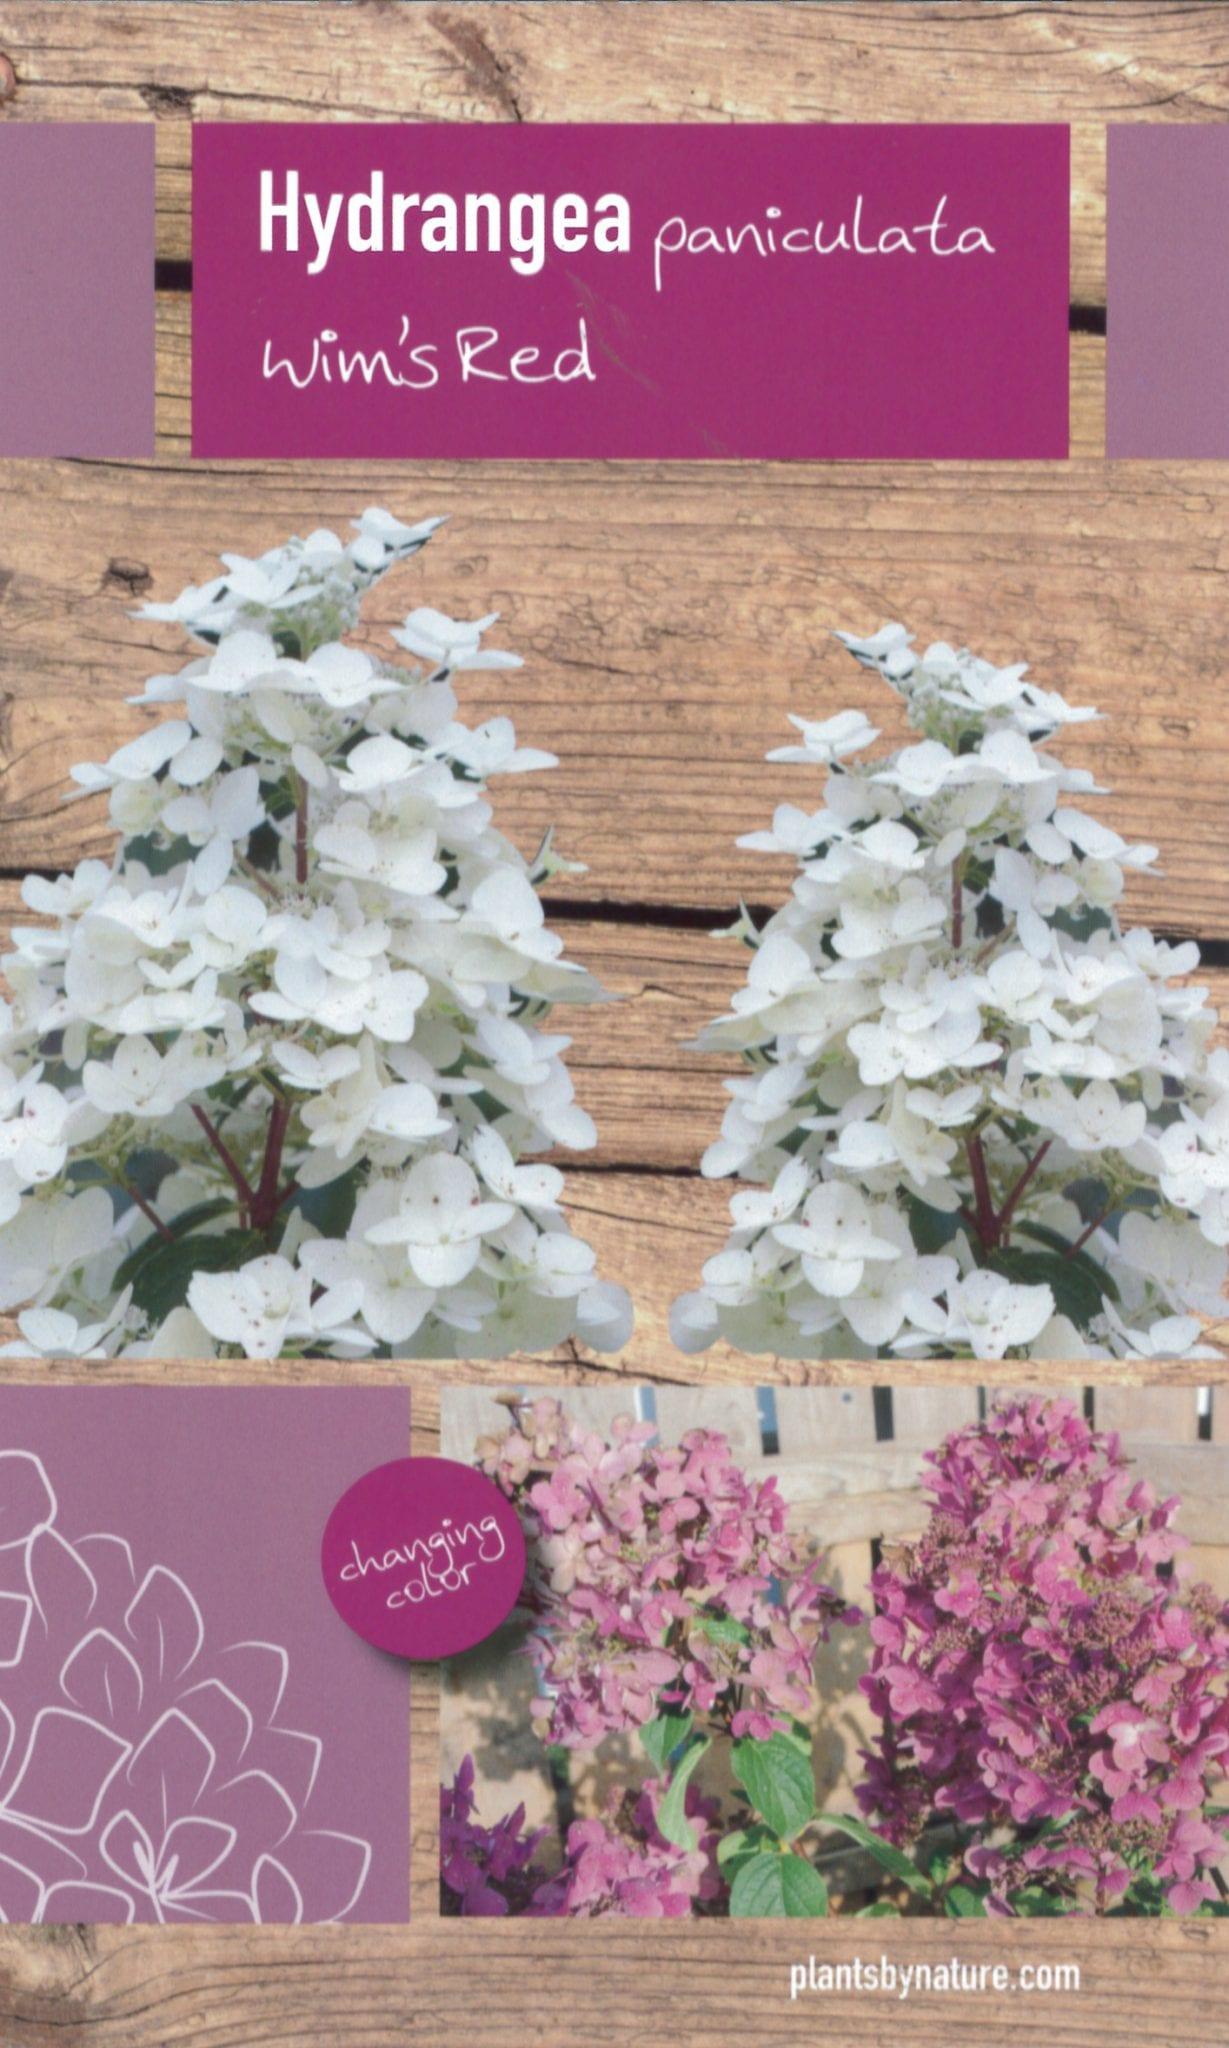 De Hydrangea paniculata 'Wim's Red' etiket voorzijde | Plants By Nature - gespecialiseerd in hydrangea